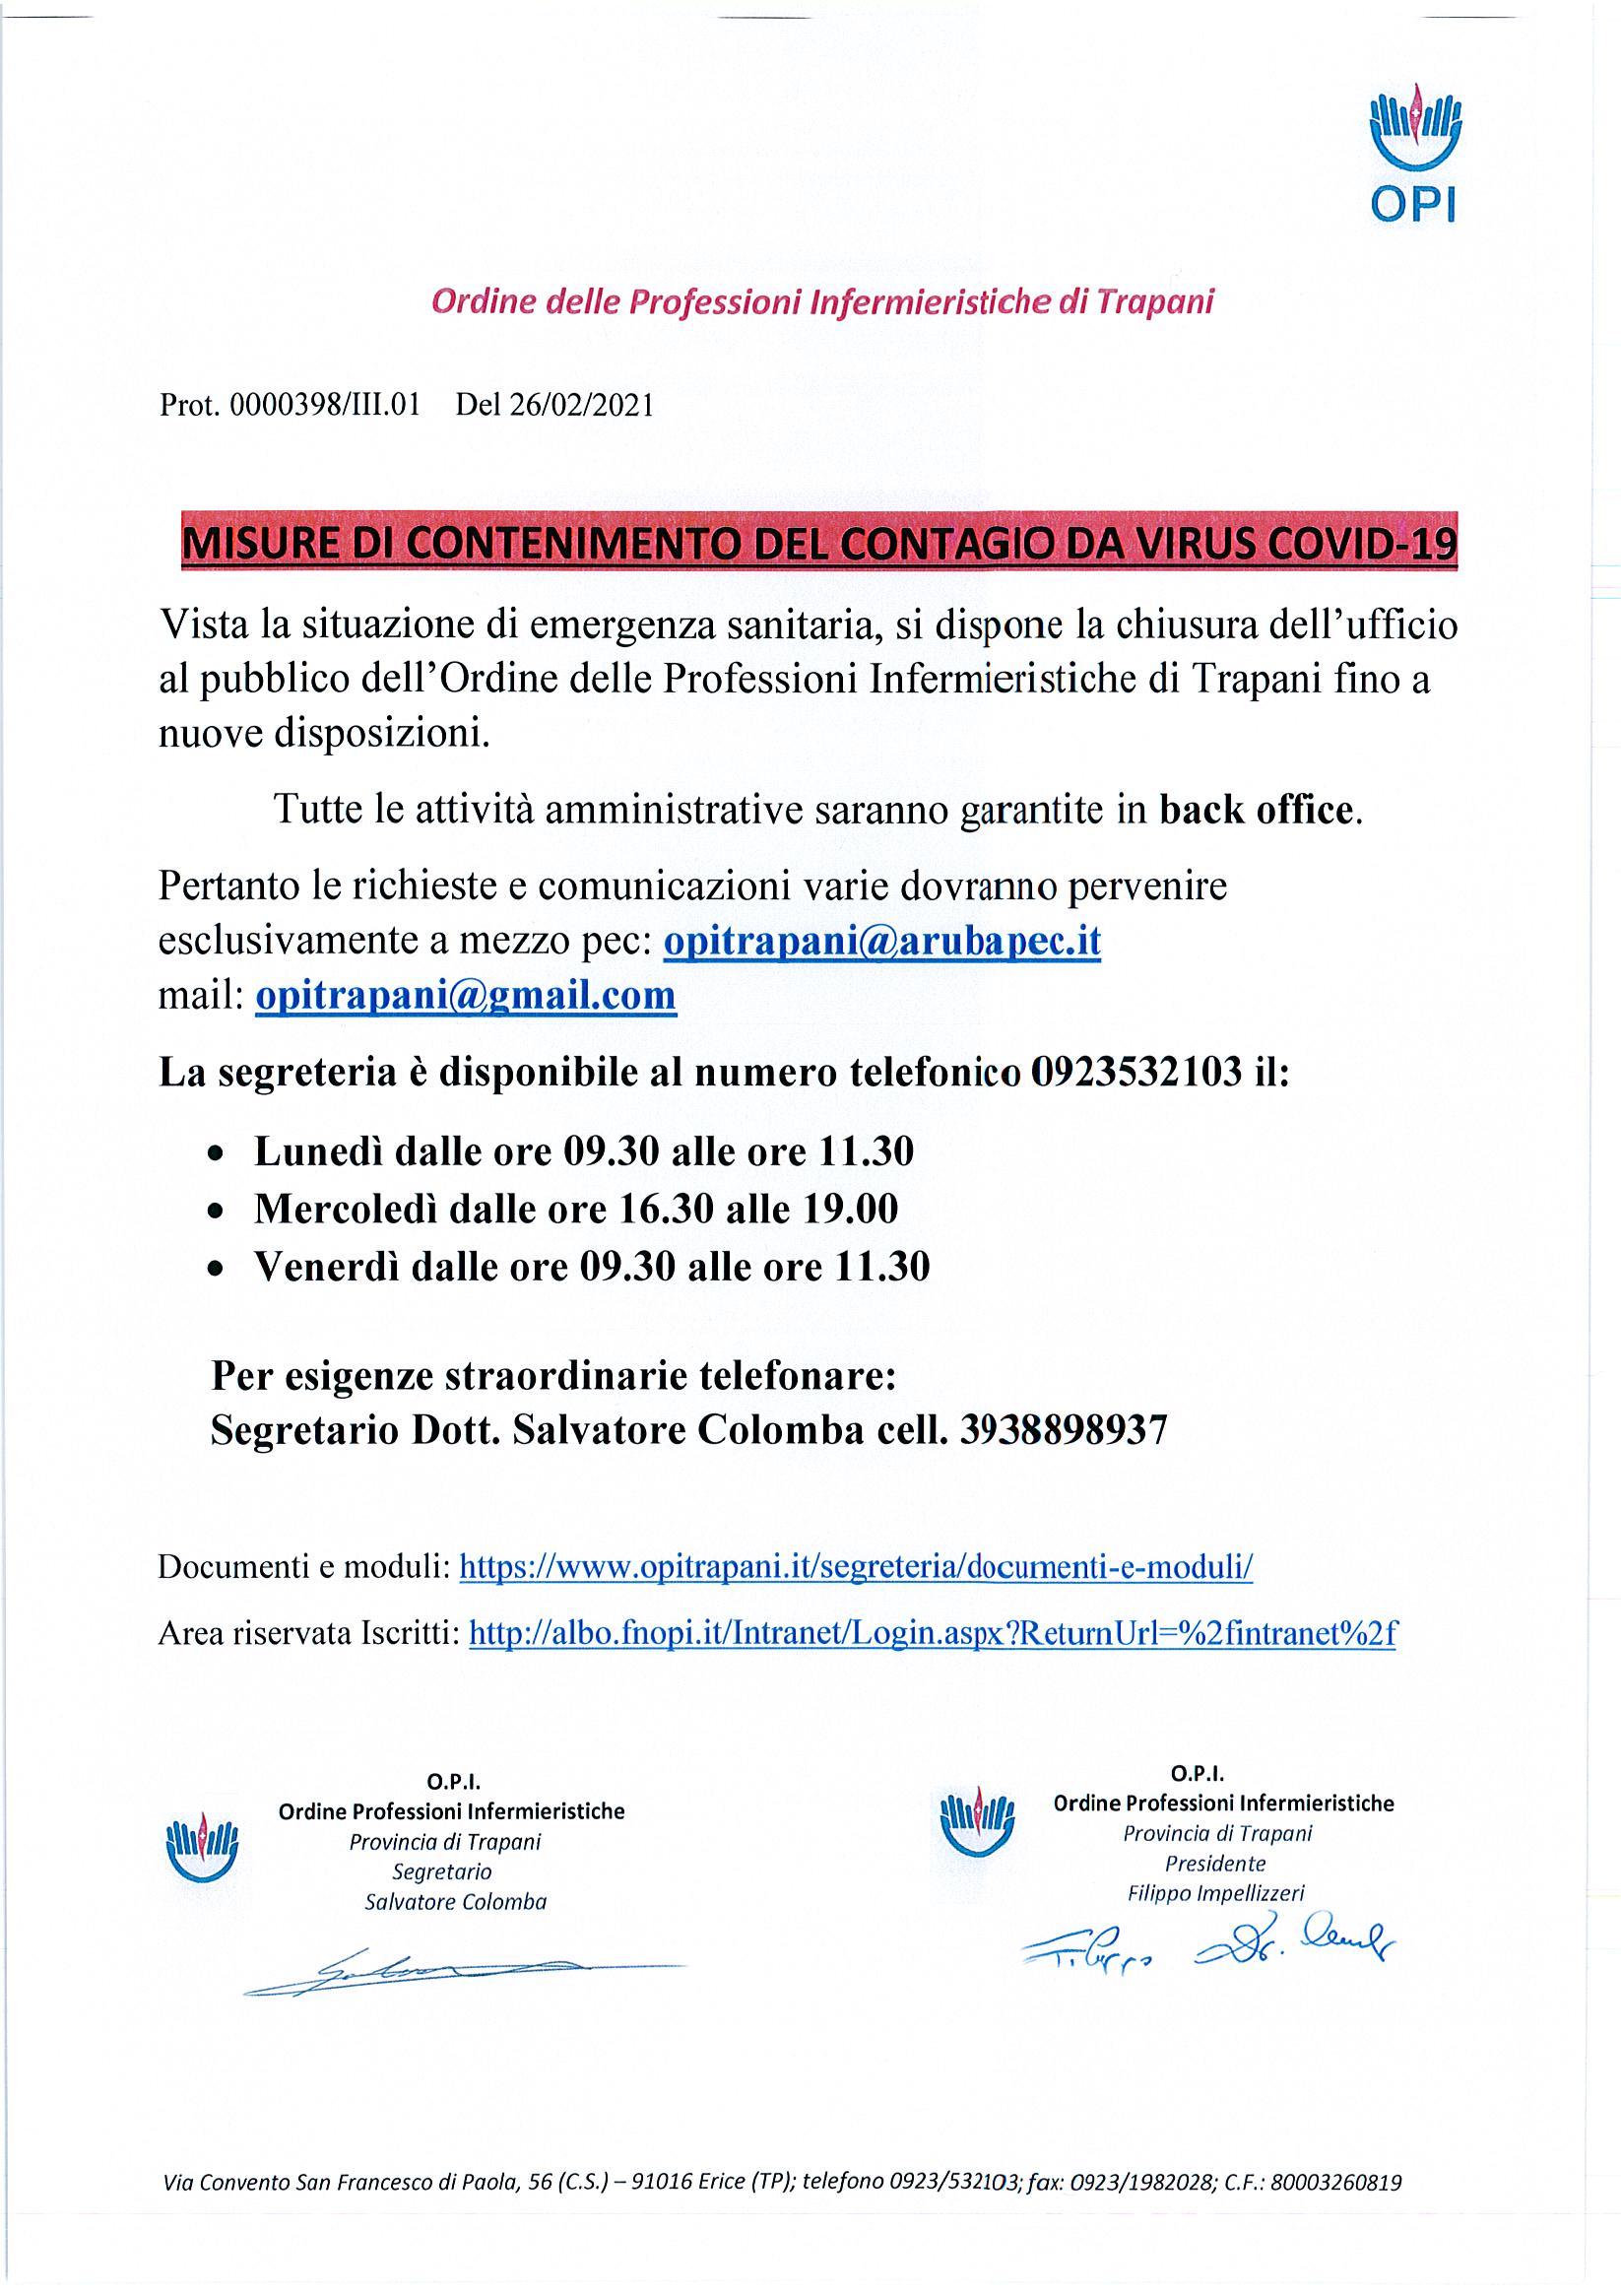 MISURE DI CONTENIMENTO DEL CONTAGIO DA VIRUS COVID-19